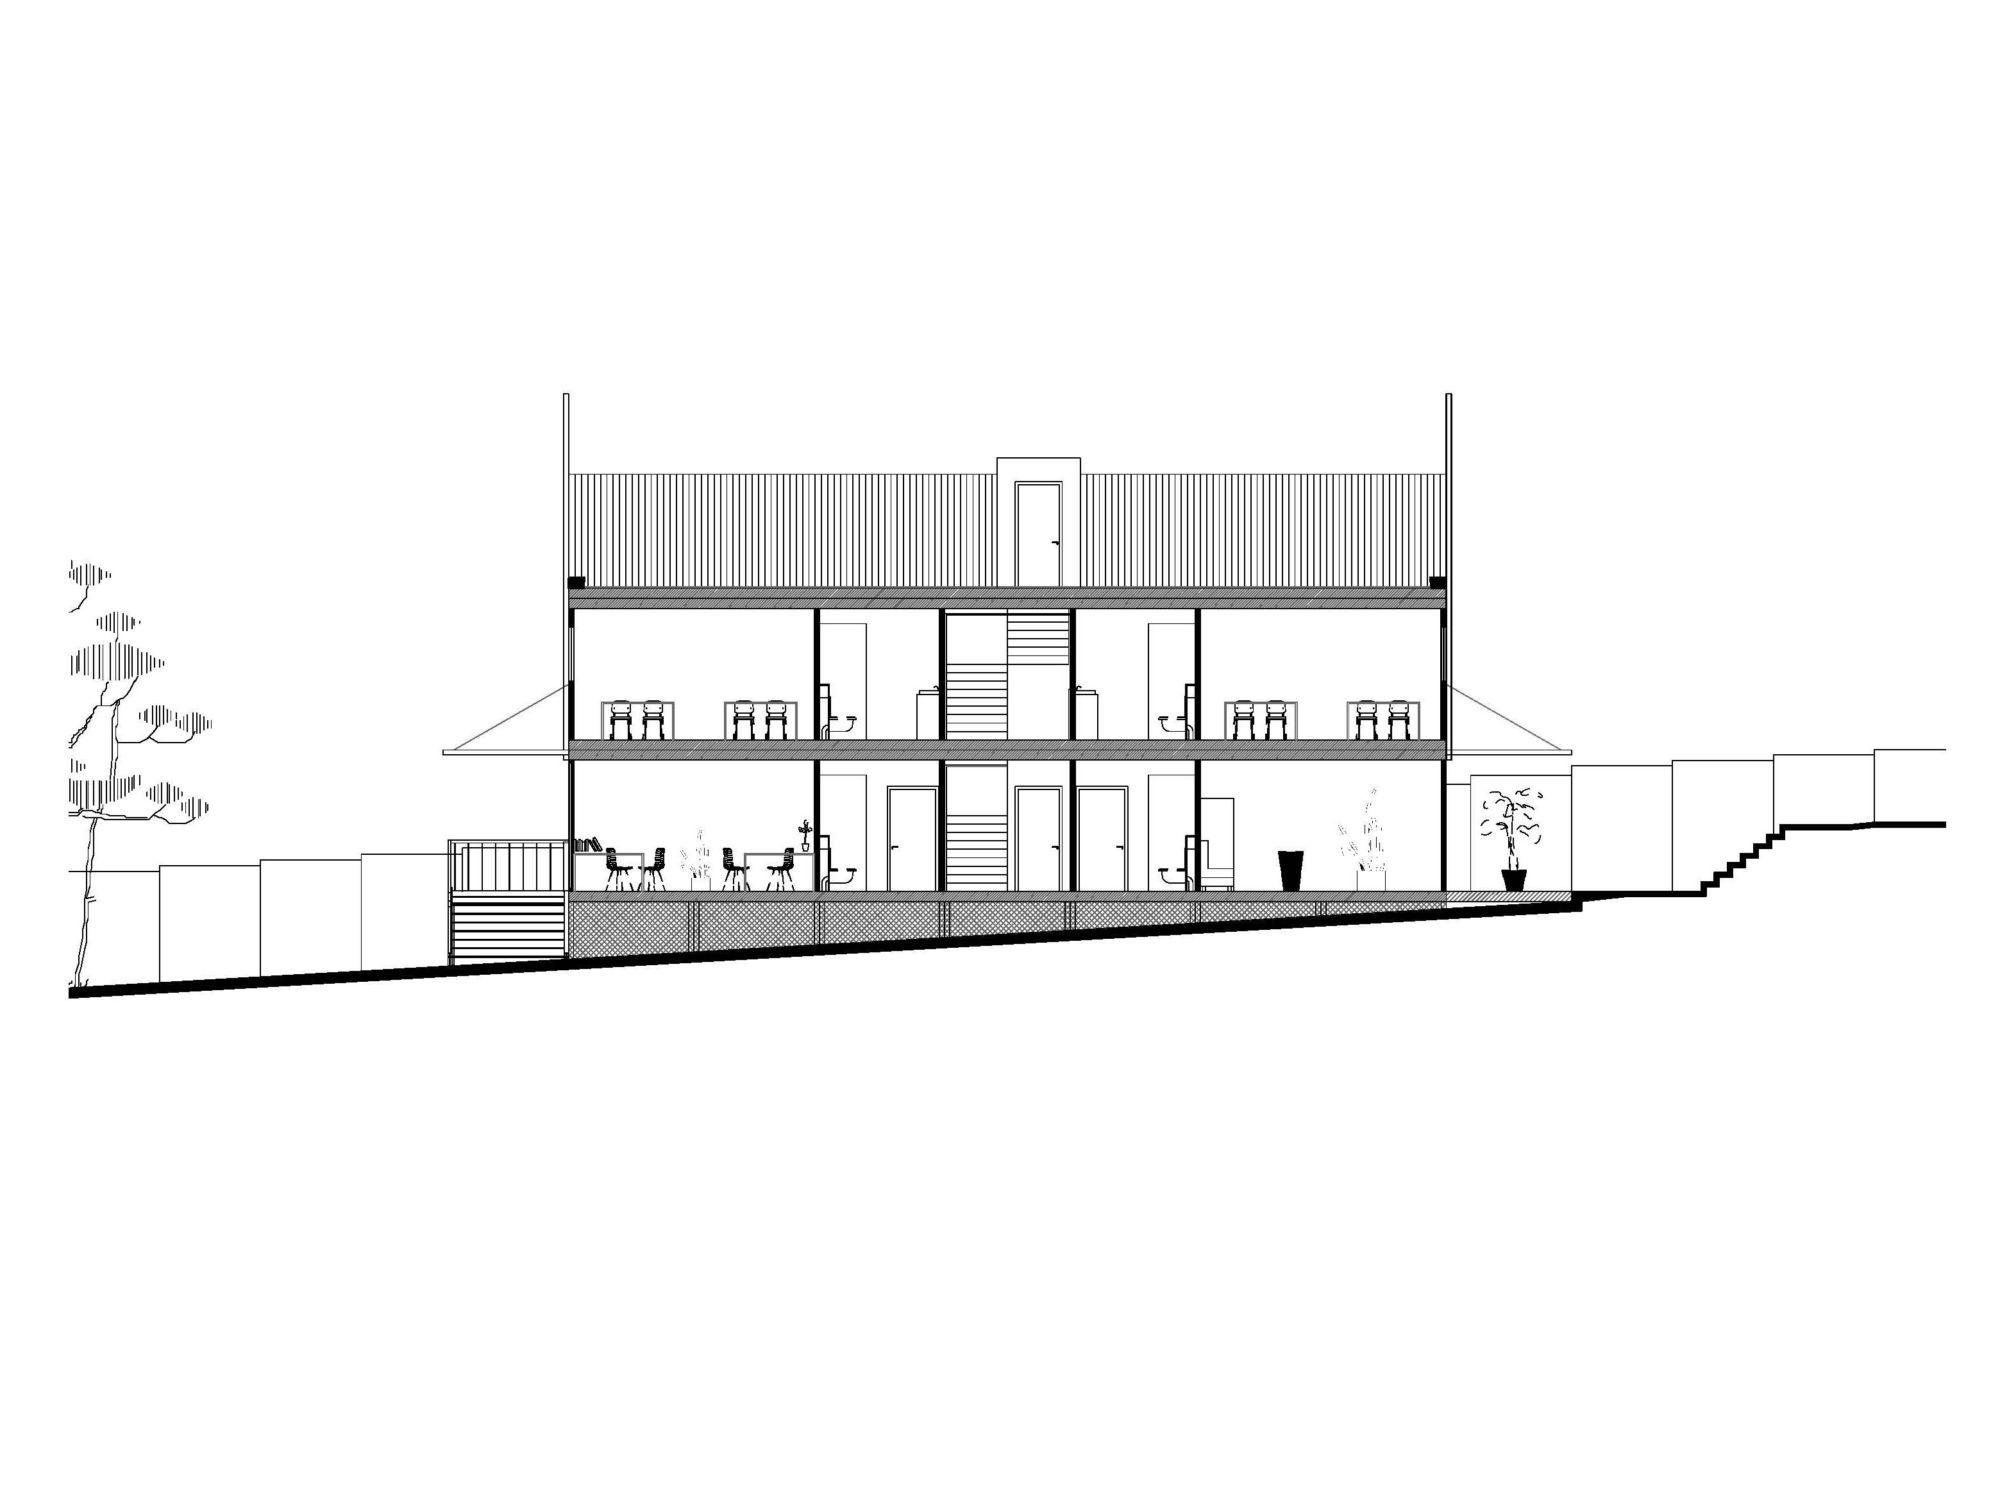 Coupe transversale du bâtiment